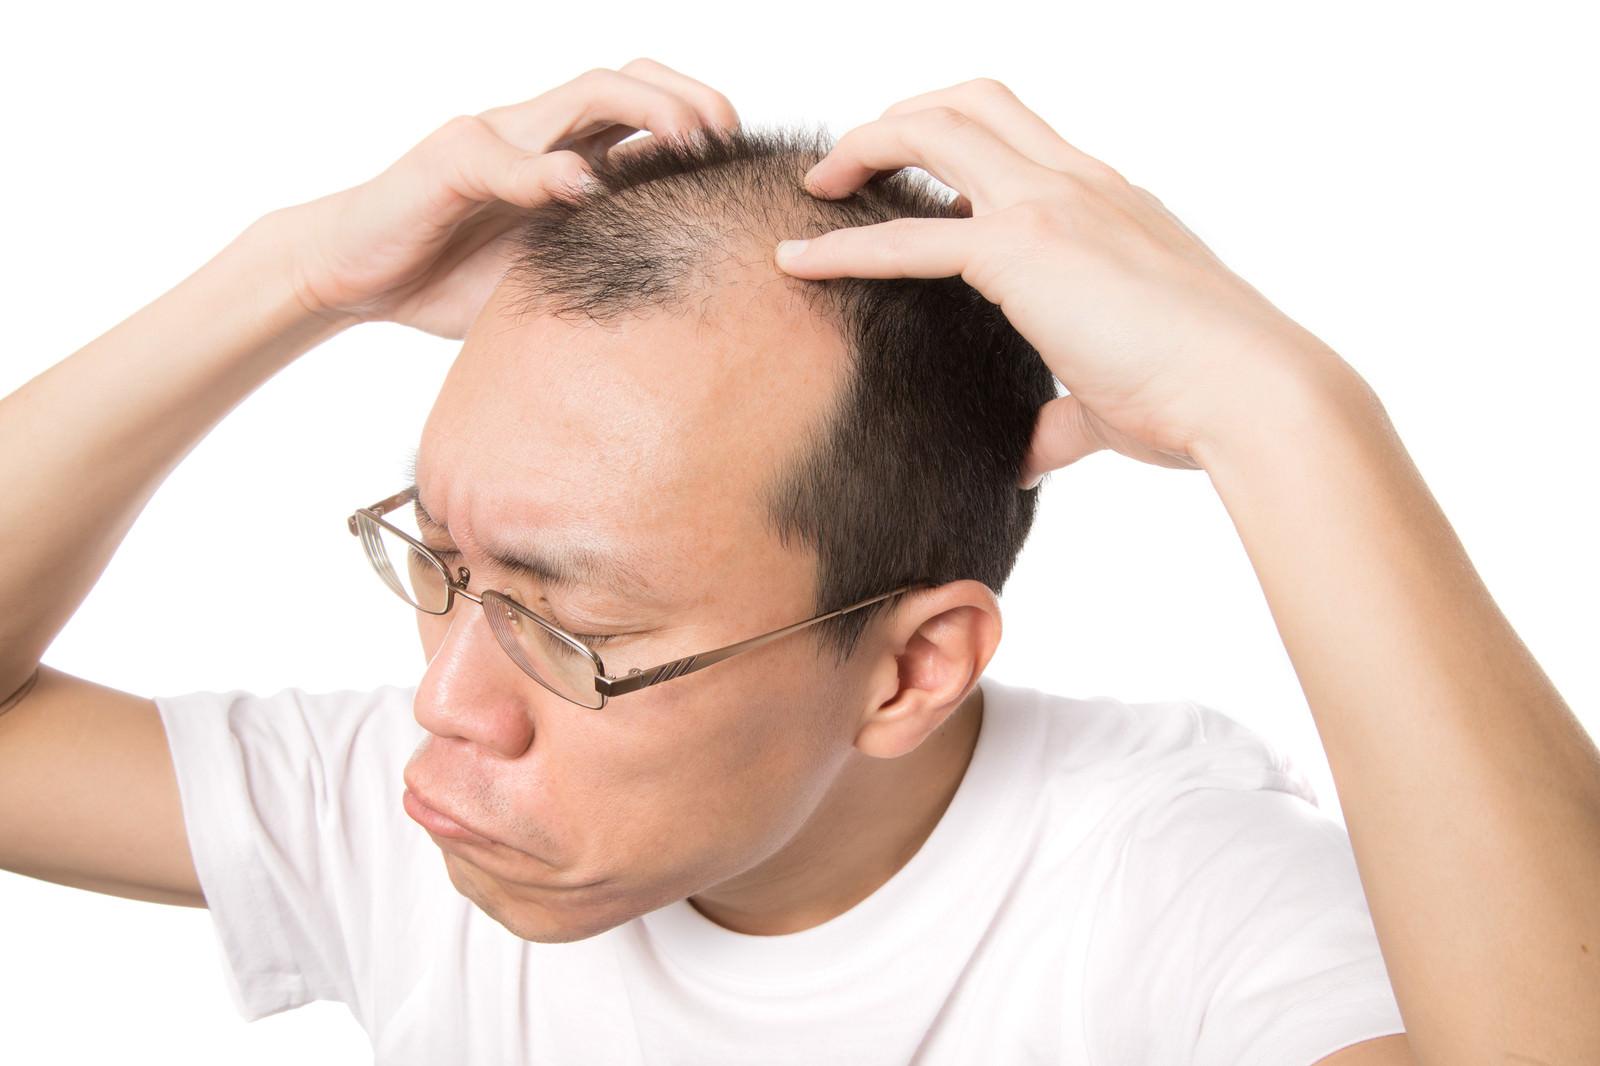 「頭のツボをセルフ指圧する薄毛男性 | 写真の無料素材・フリー素材 - ぱくたそ」の写真